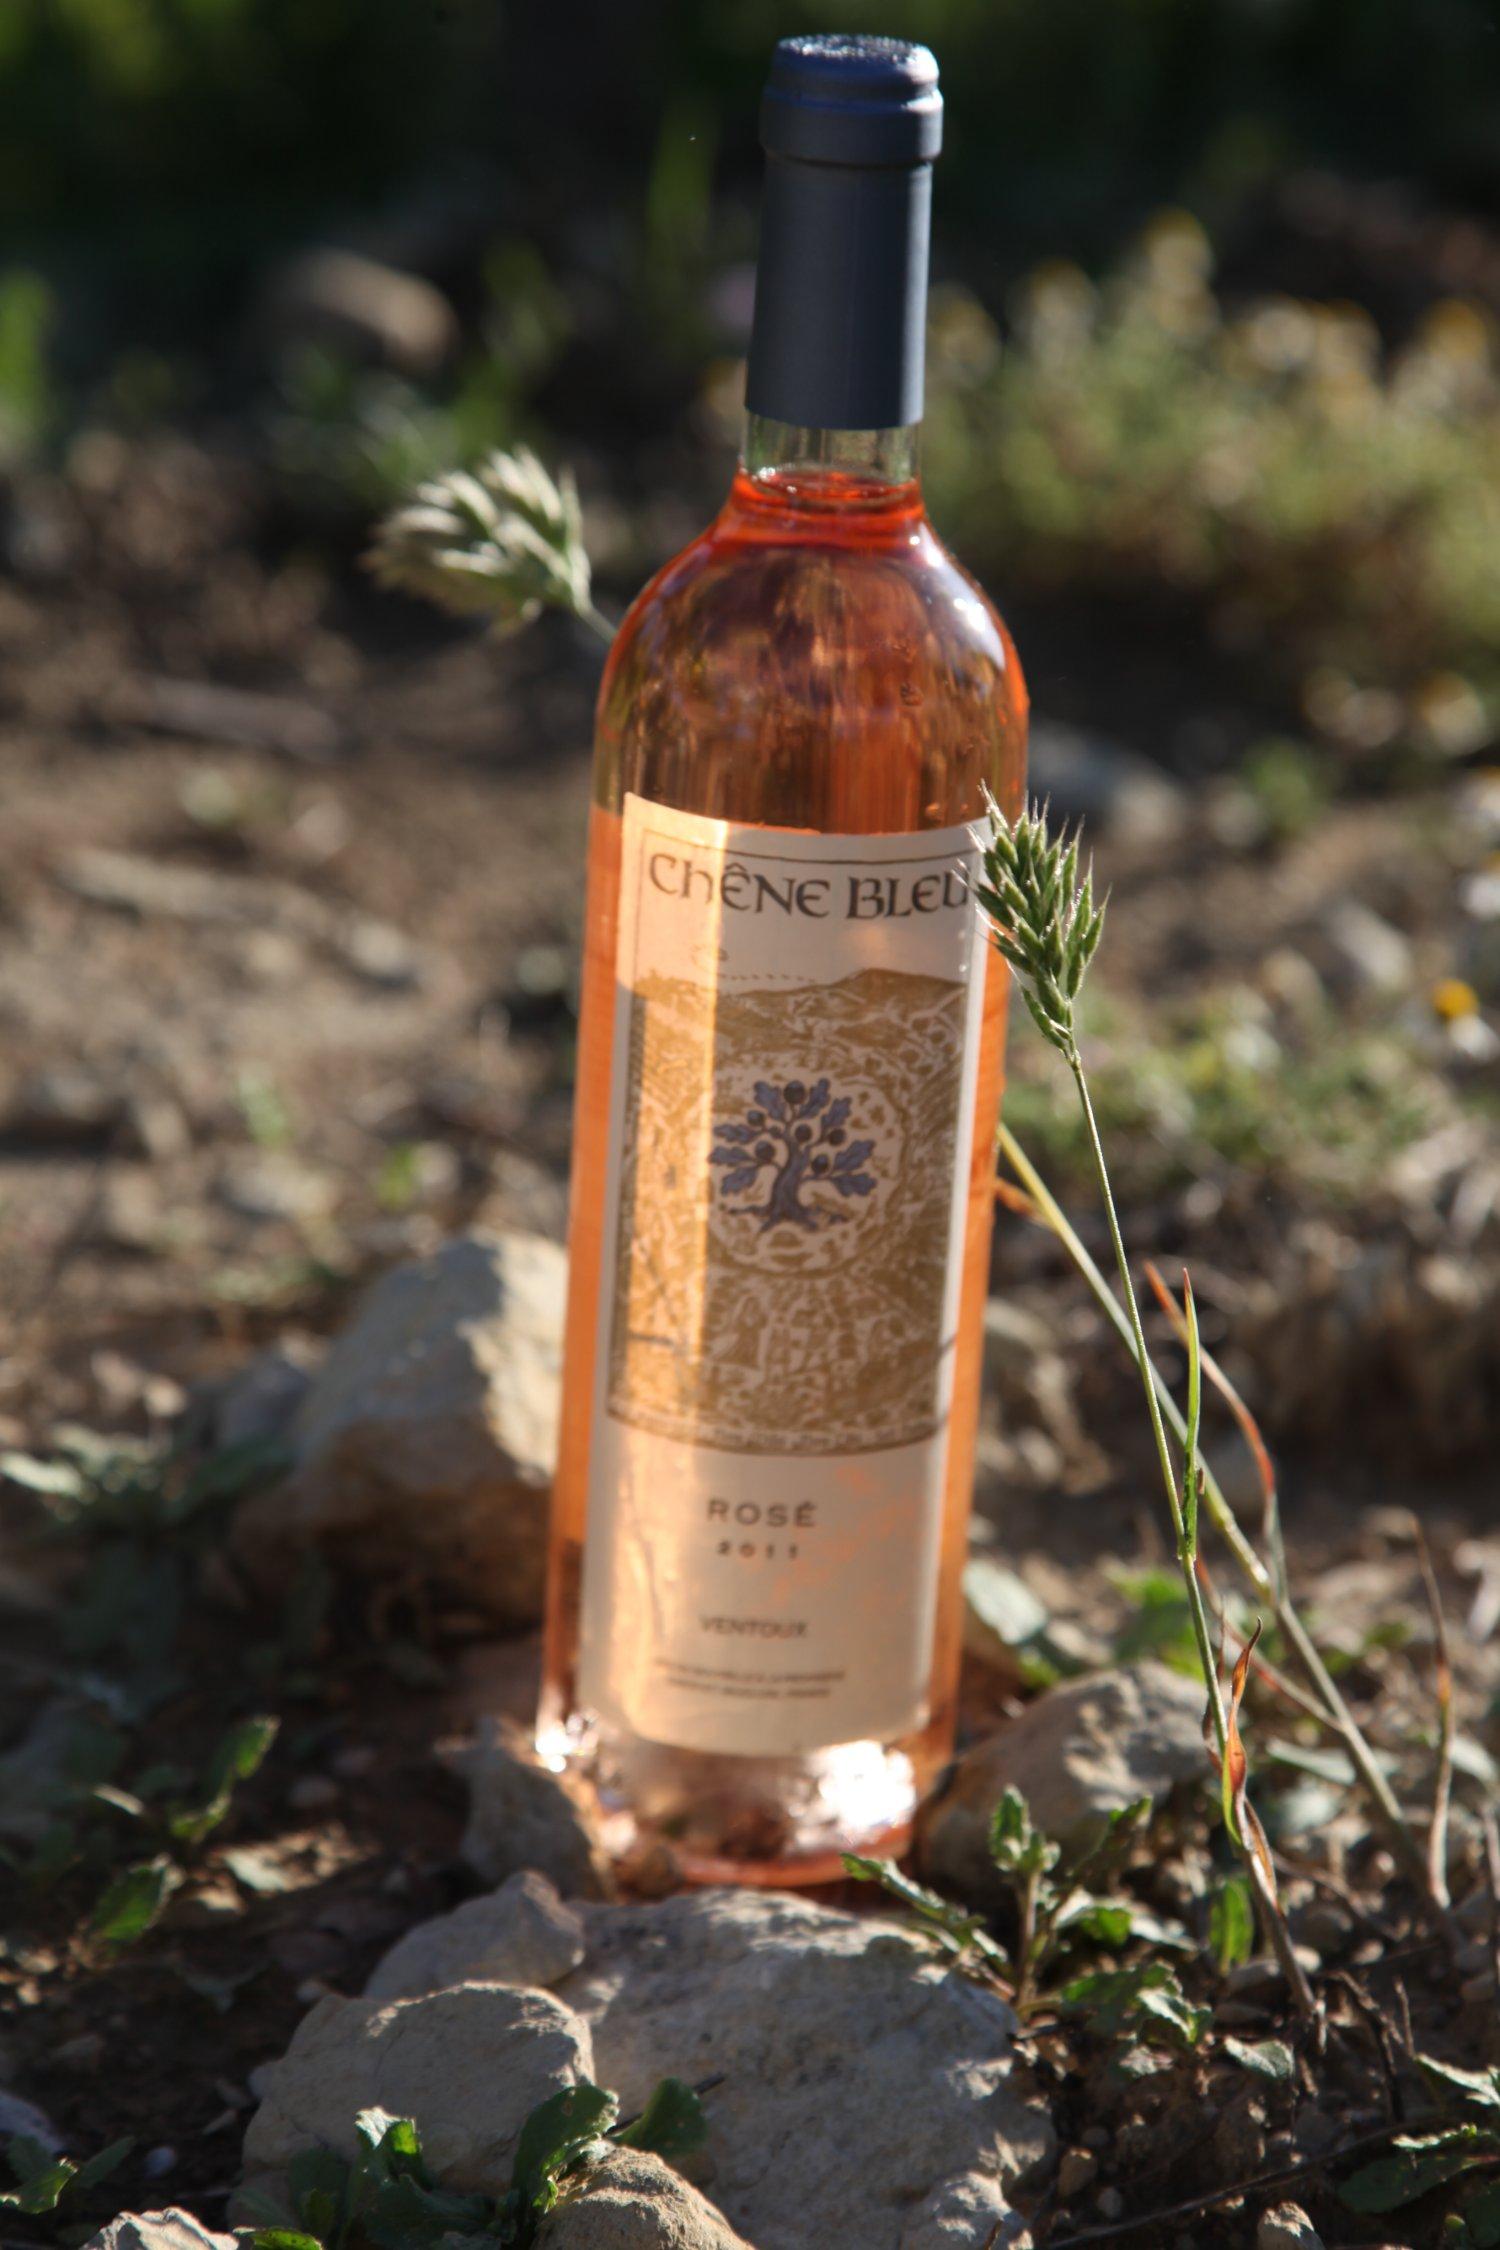 La Verriere Chene Bleu rose wine